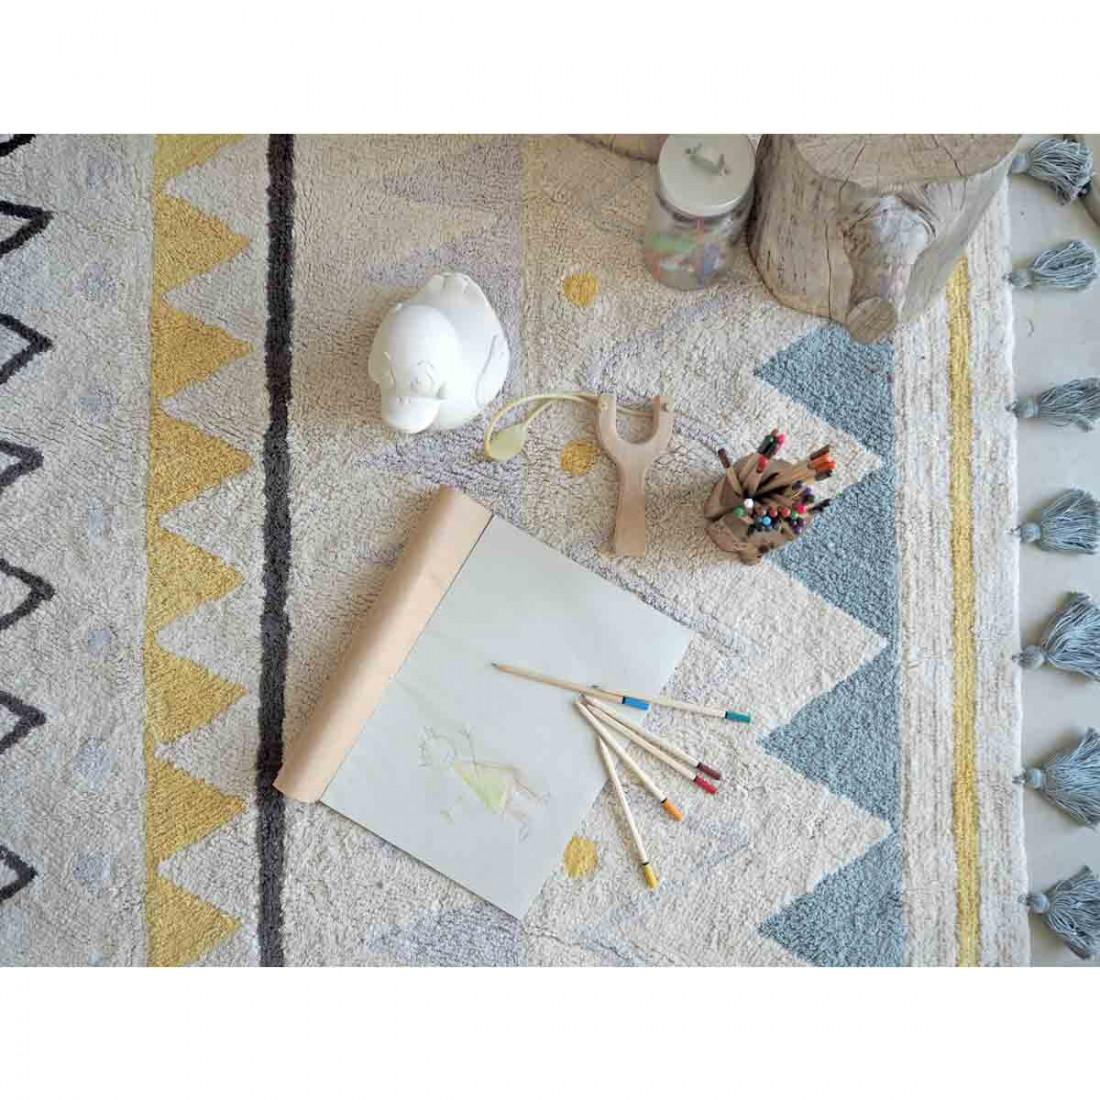 tapis coton lavable motifs azt que bleu jaune gris noir. Black Bedroom Furniture Sets. Home Design Ideas